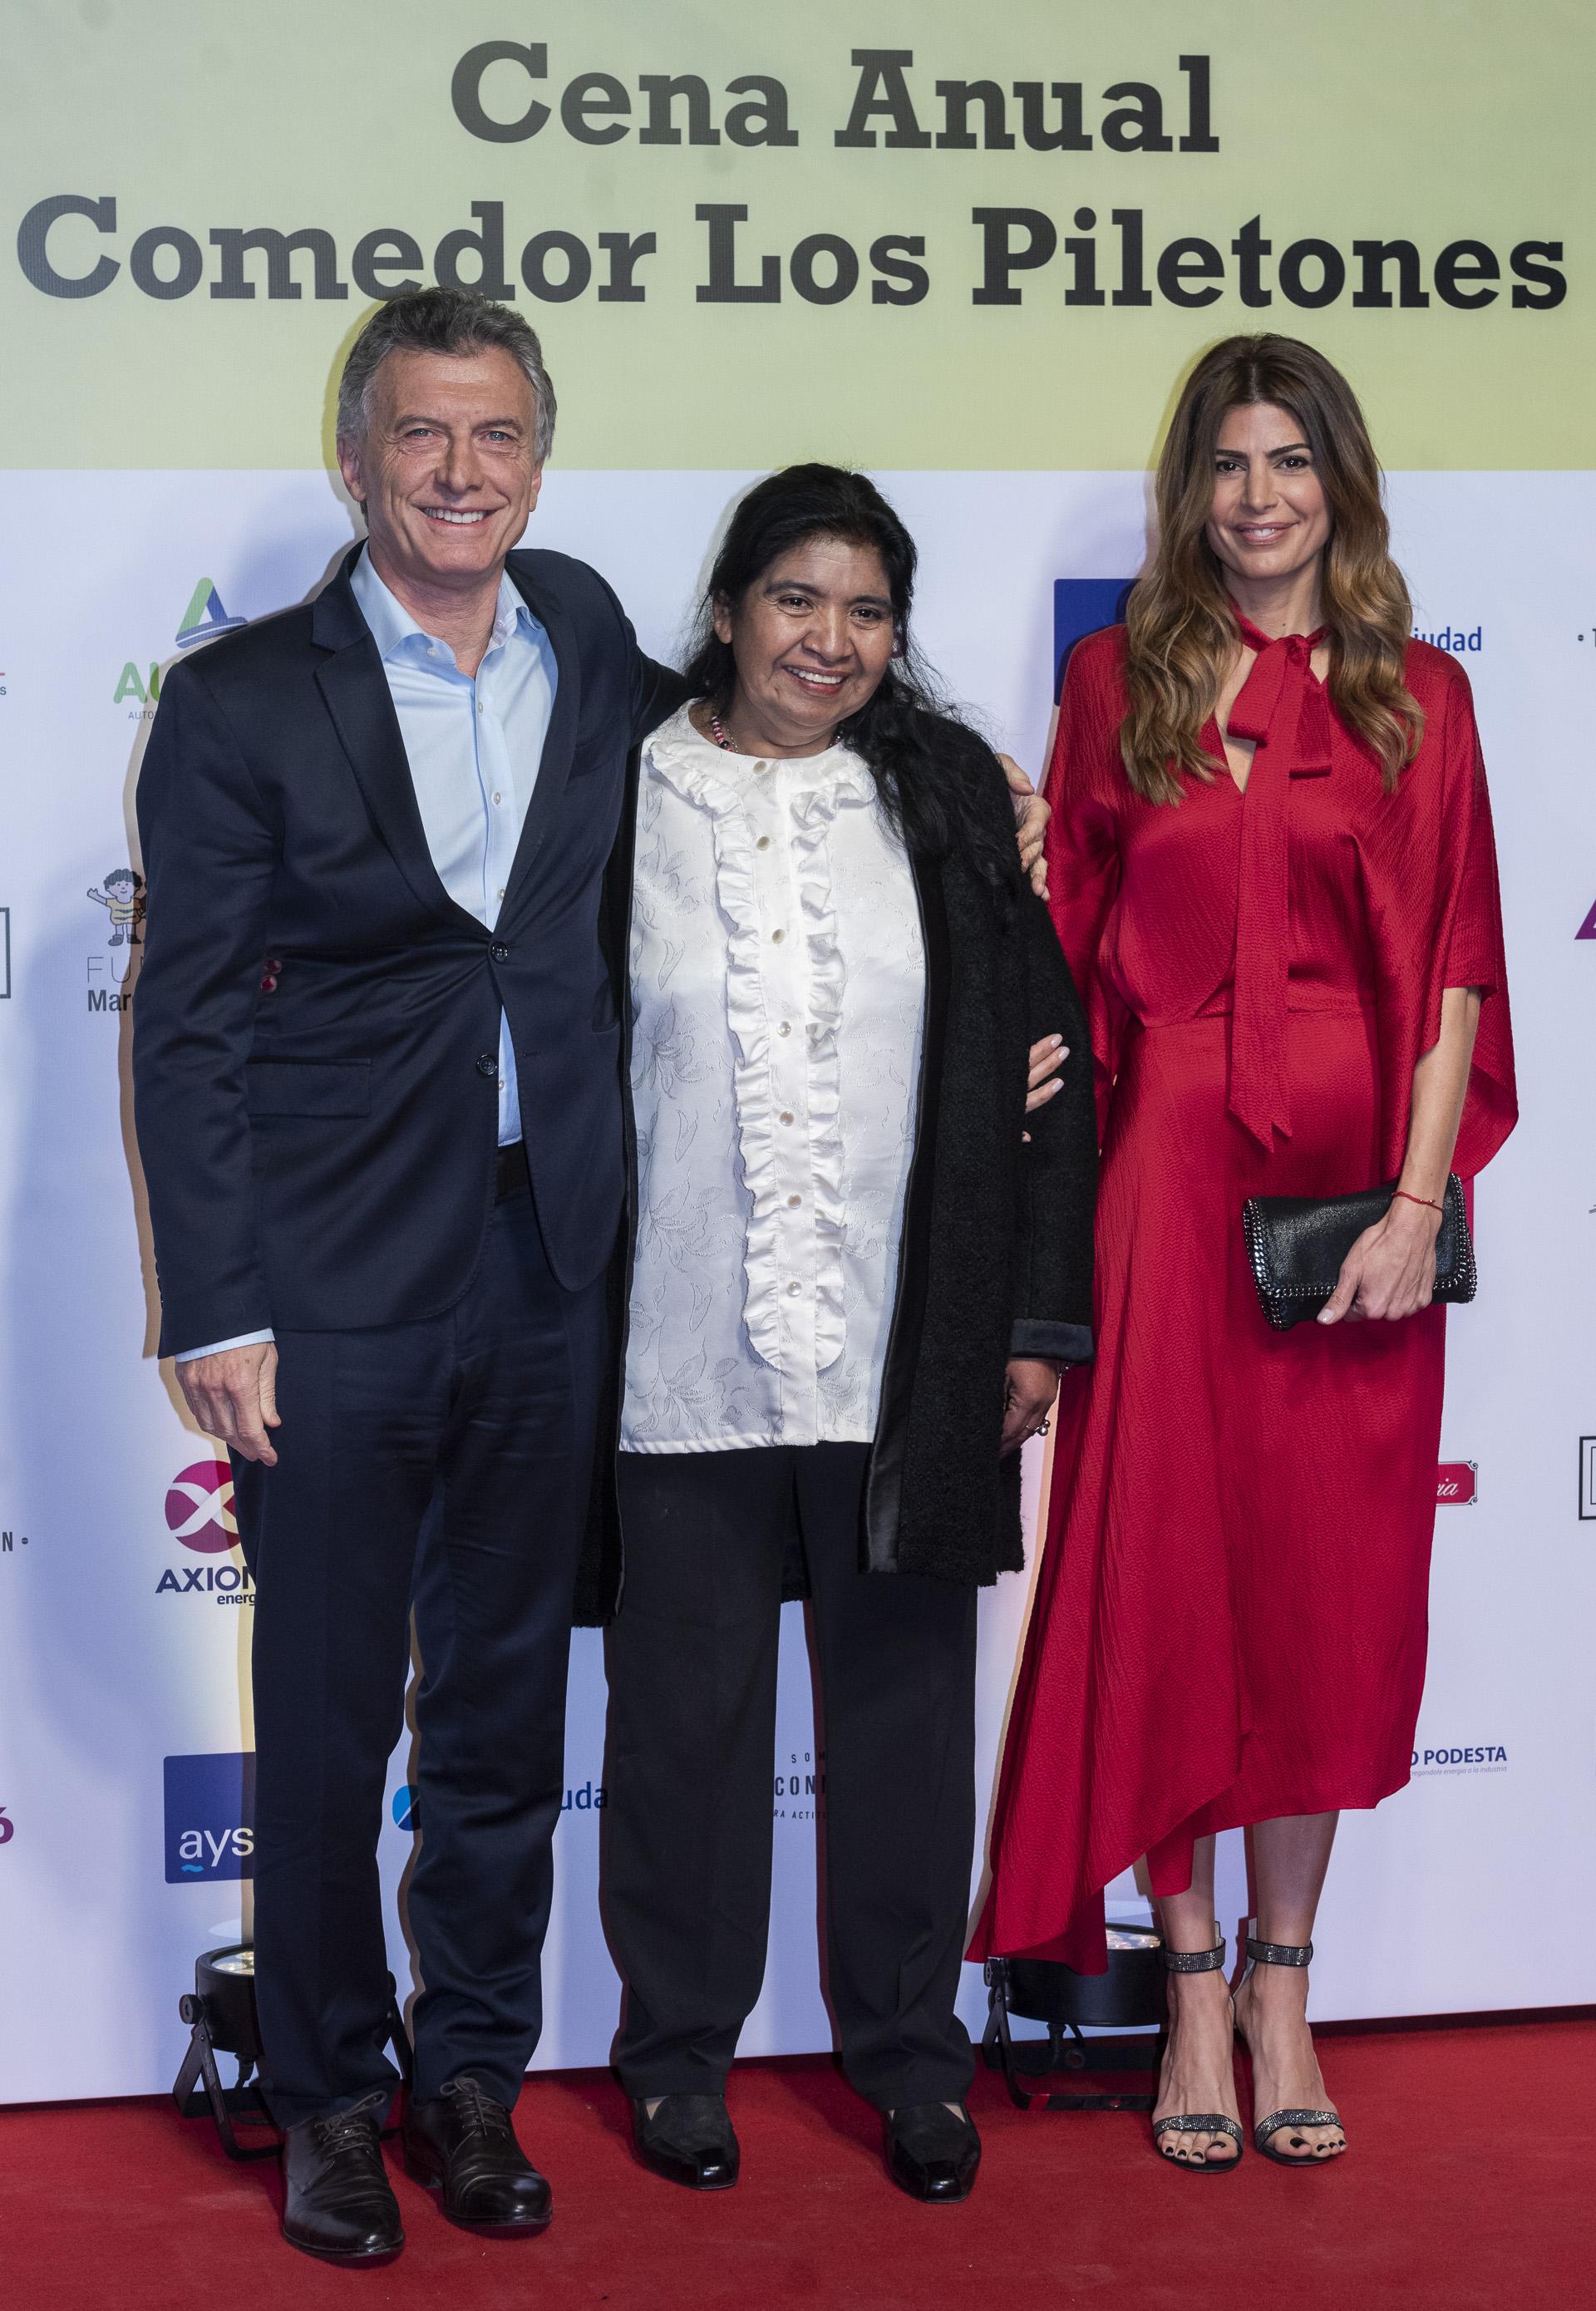 El presidente Mauricio Macri junto a su esposa Juliana Awada y Margarita Barrientos en la alfombra roja de la Cena anual de la Fundación Los Piletones de Margarita Barrientos